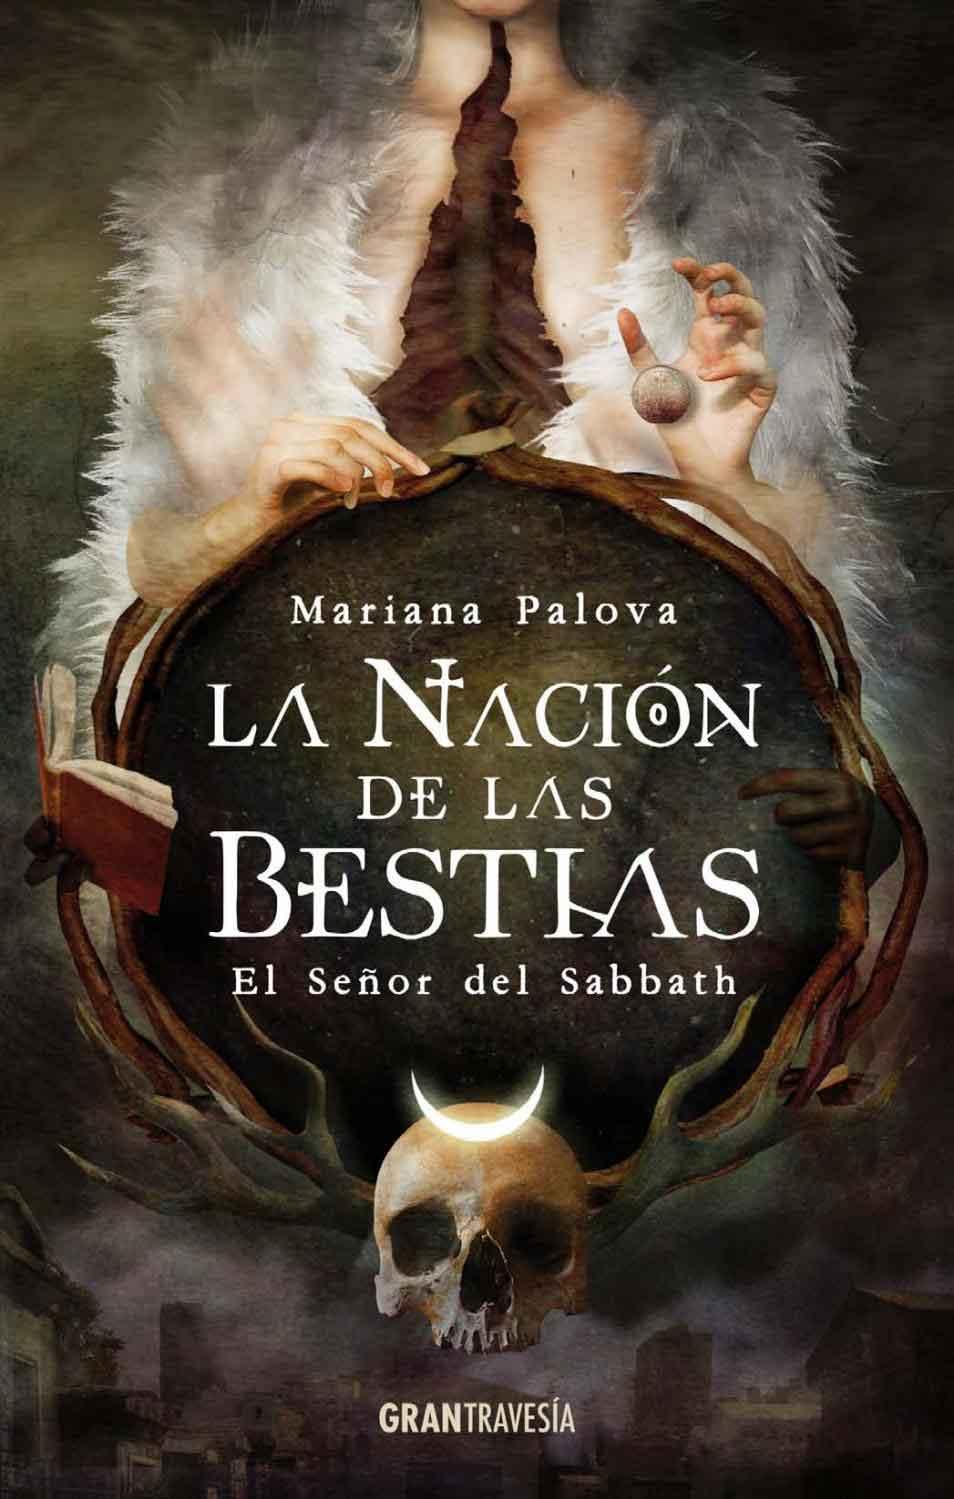 LA NACION DE LAS BESTIAS. EL SEÑOR DEL SABBATH